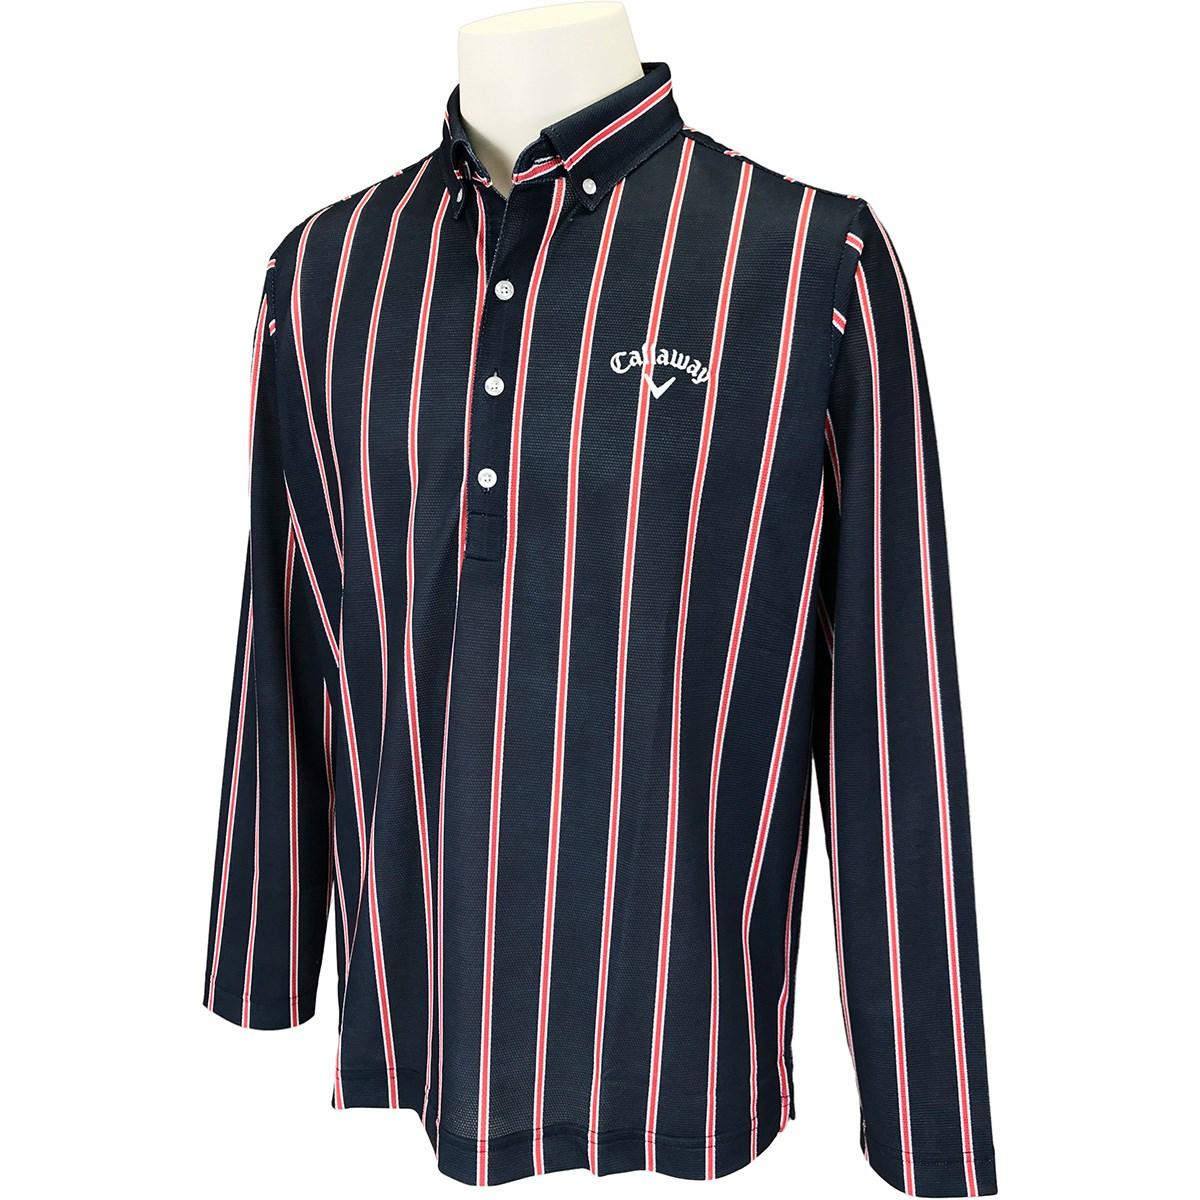 キャロウェイゴルフ(Callaway Golf) レジメンタル ボタンダウンボックス長袖ポロシャツ